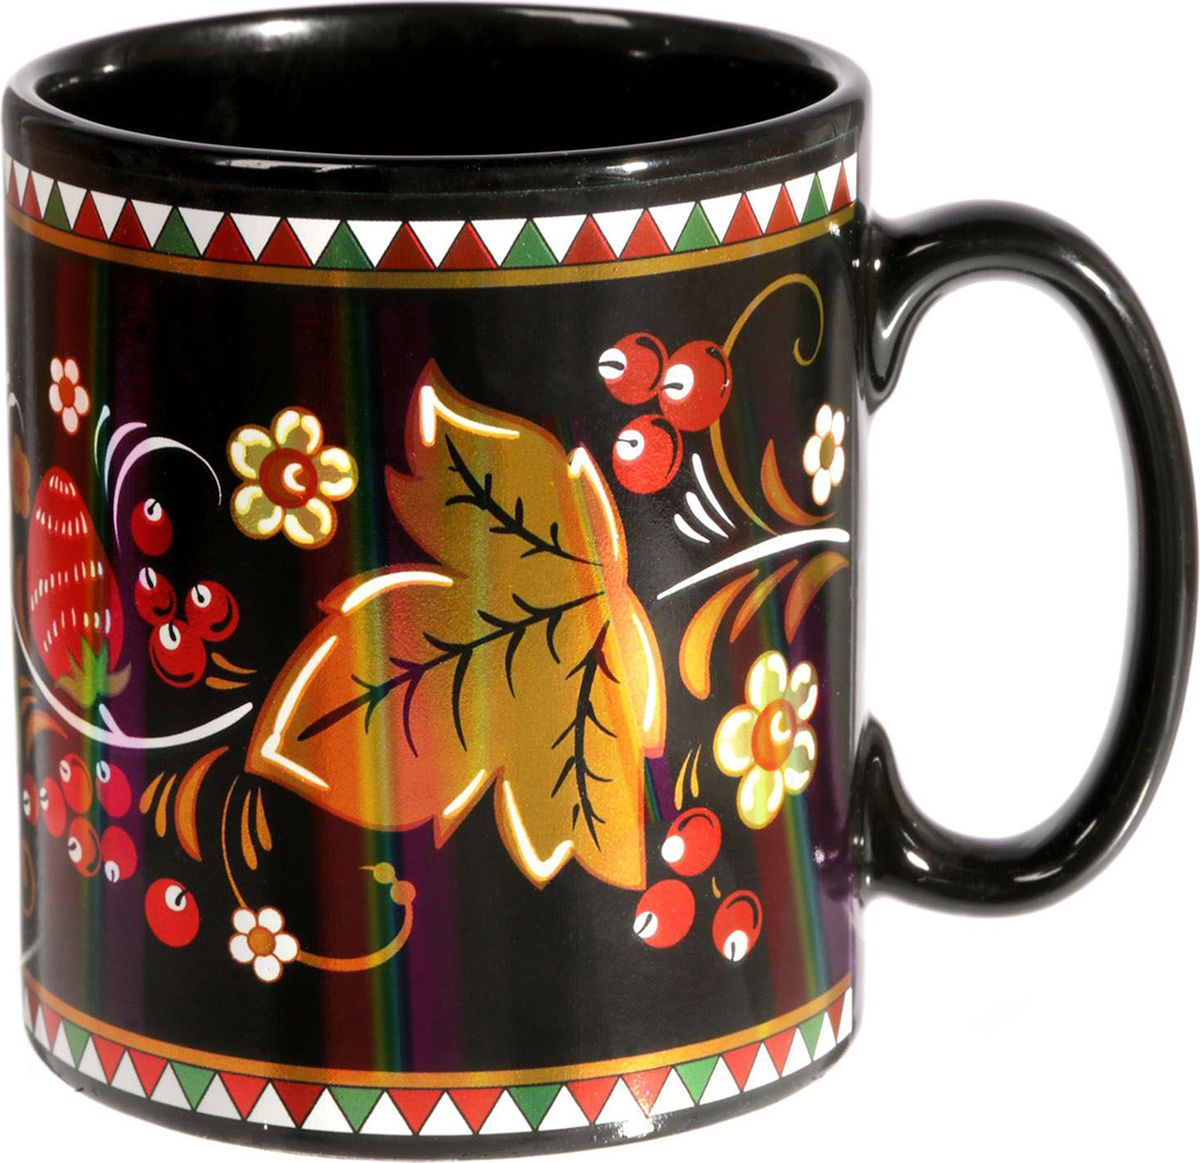 Кружка Хохлома, цвет: черный, 300 мл1778335Изделие обладает следующими особенностями:необычный для кружек чёрный цвет;блестящий, переливающийся рисунок;можно мыть в посудомоечной машине.С такой кружкой каждое чаепитие станет особенным.